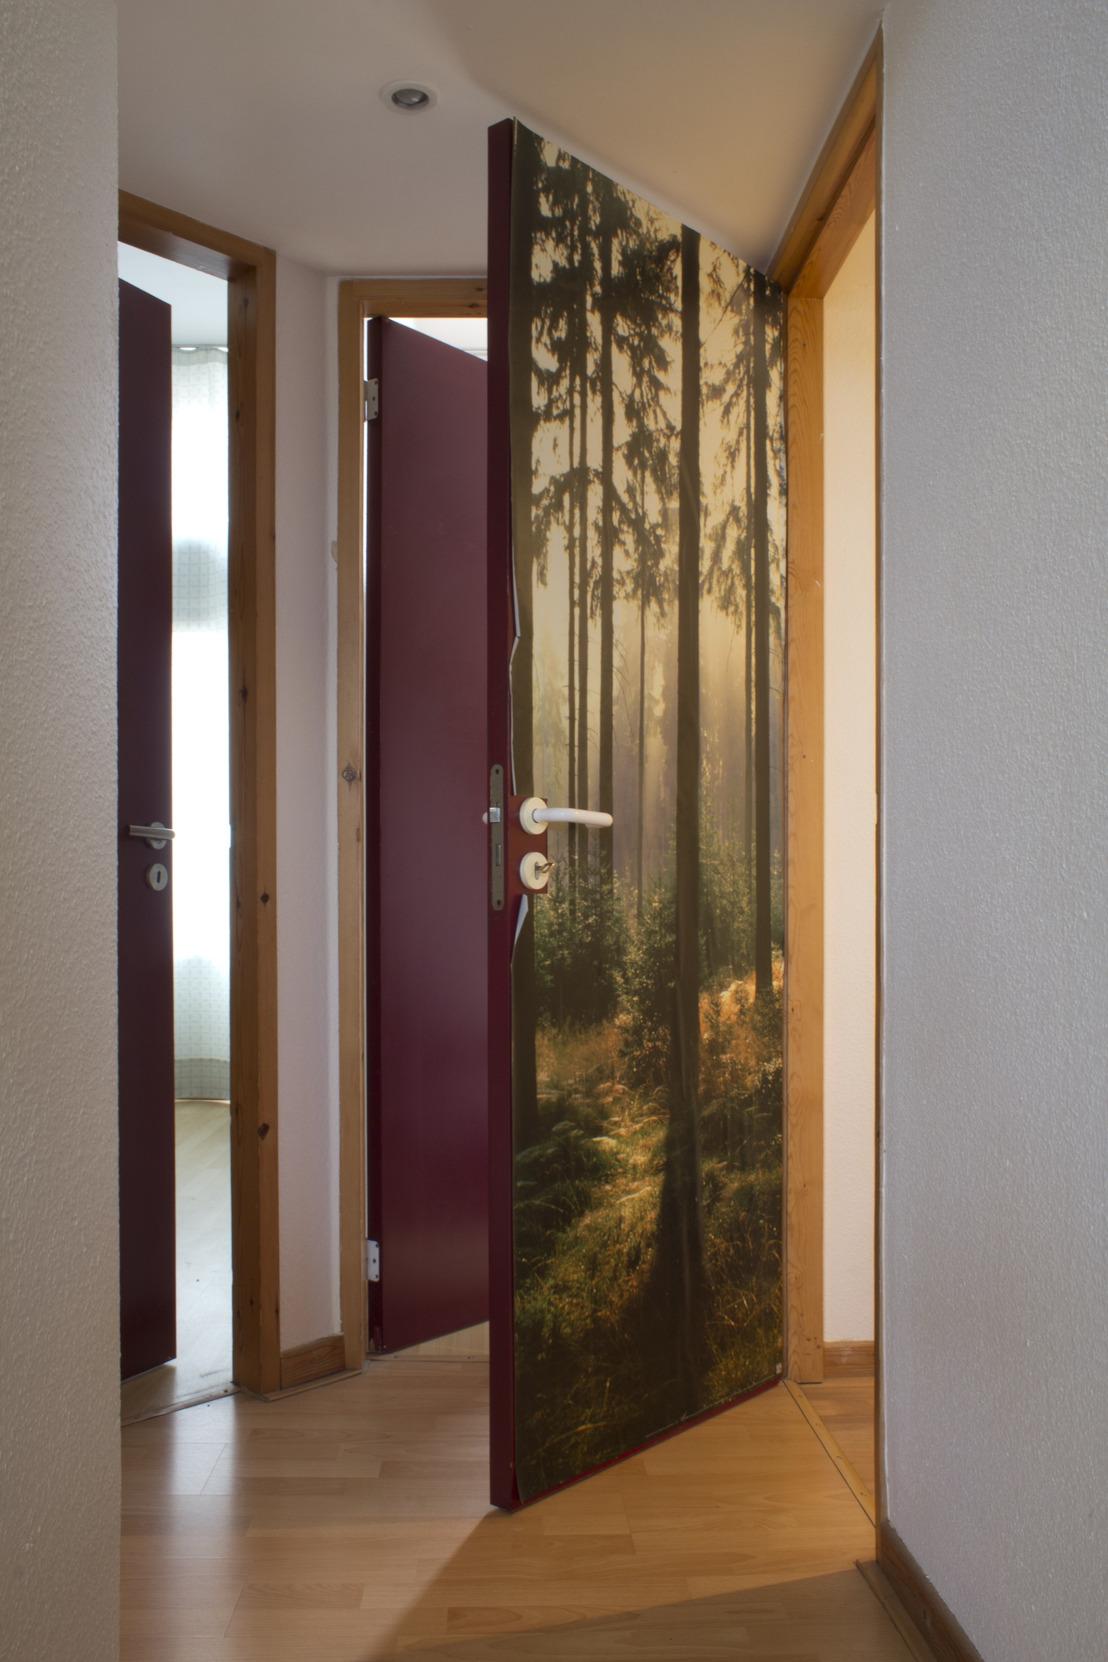 Exposition: Emi Kodama et Hans Demeulenaere - You make a better door than you do a window